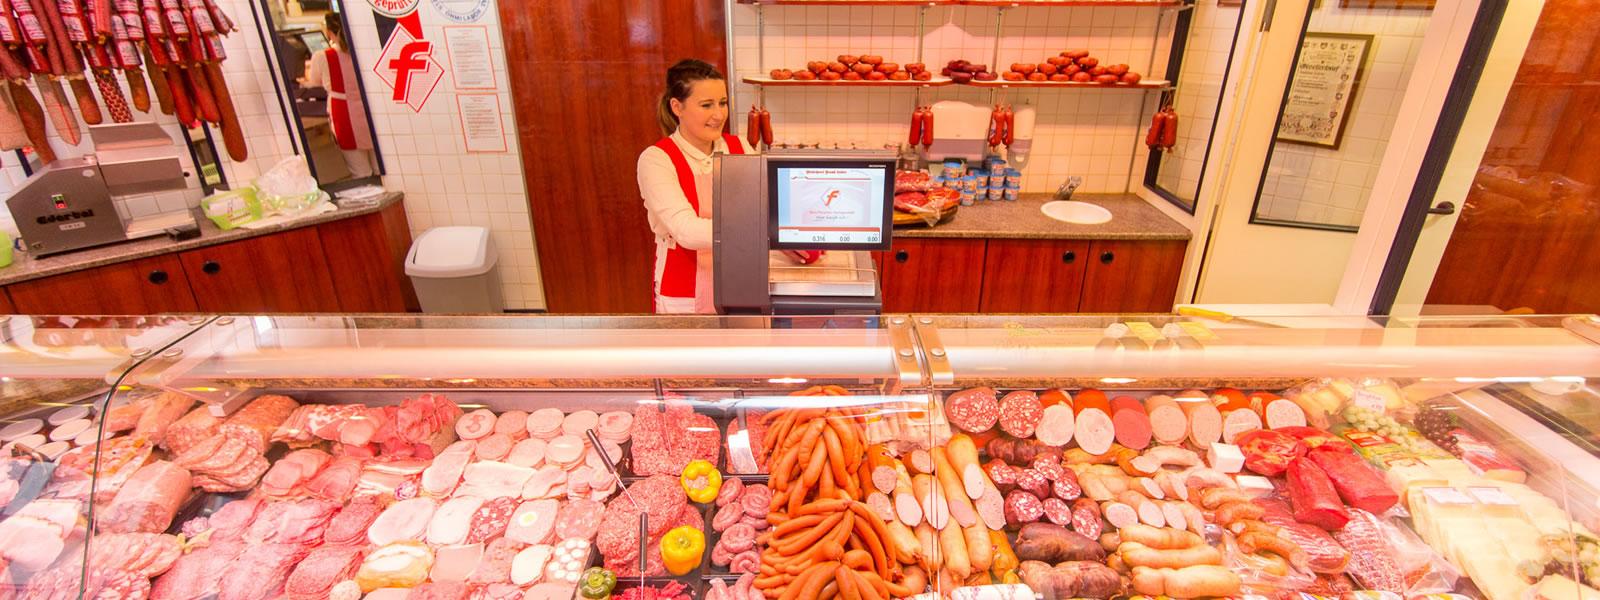 Fleischerei Leiste - Verkauf